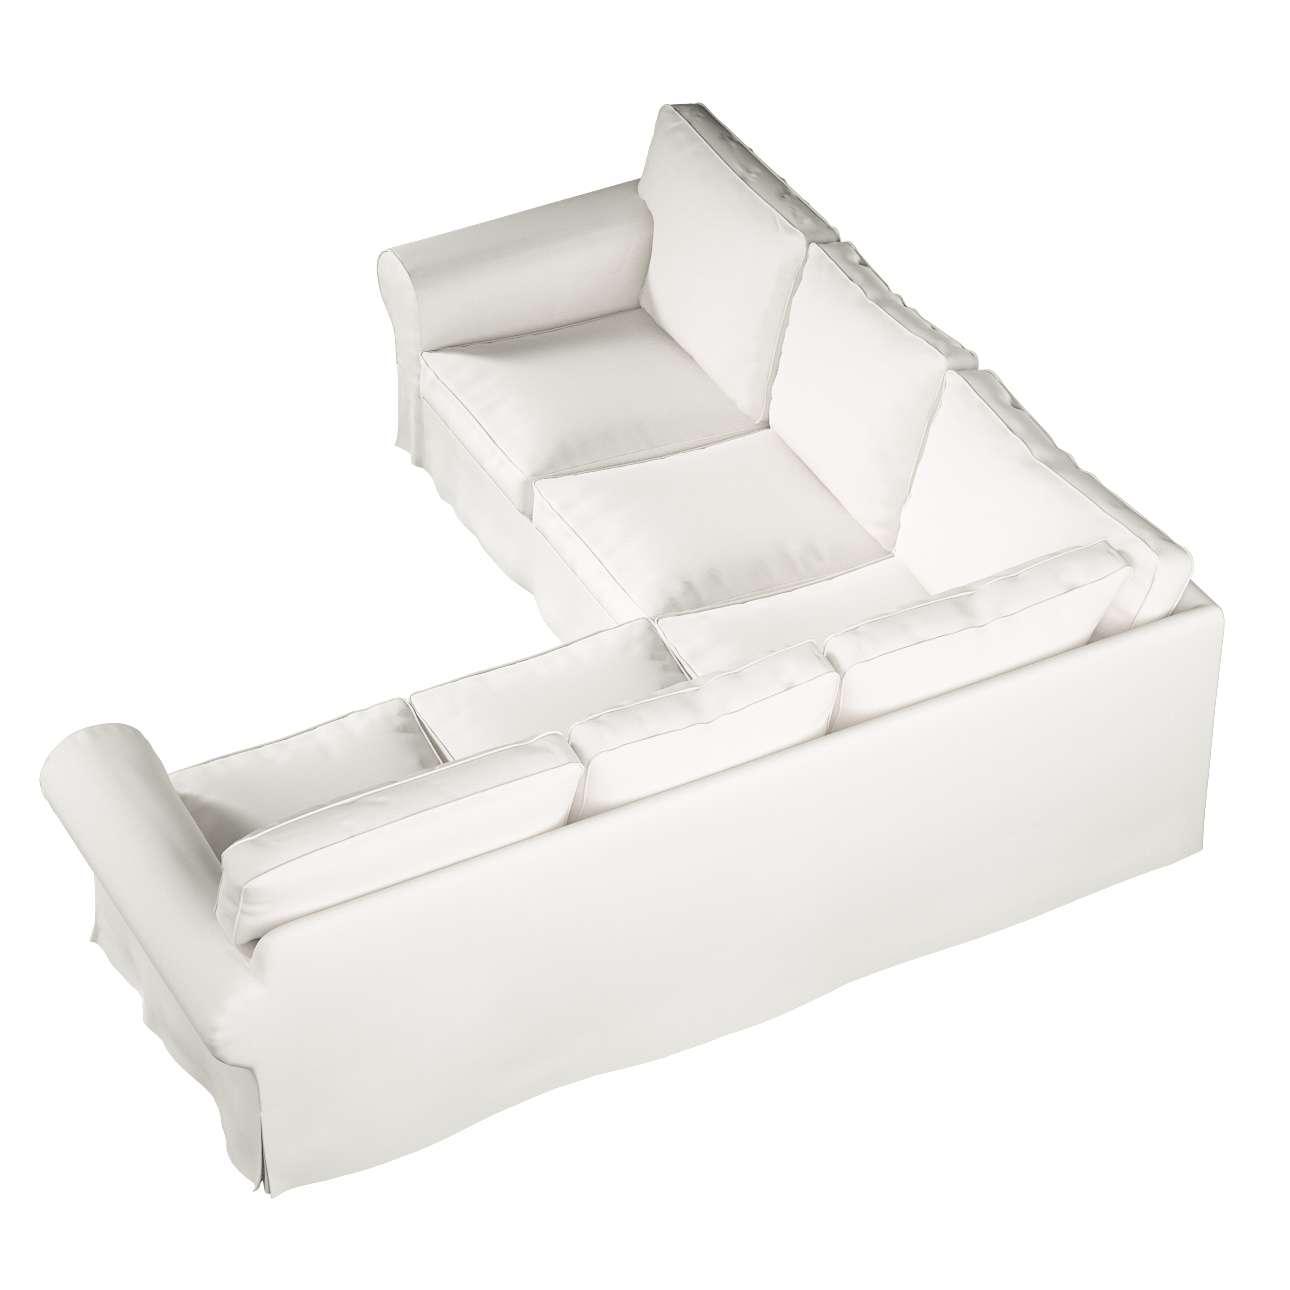 Ikea Ektorp Hoekbank Wit.Ikea Zitbankhoes Overtrek Voor Ektorp Hoekbank